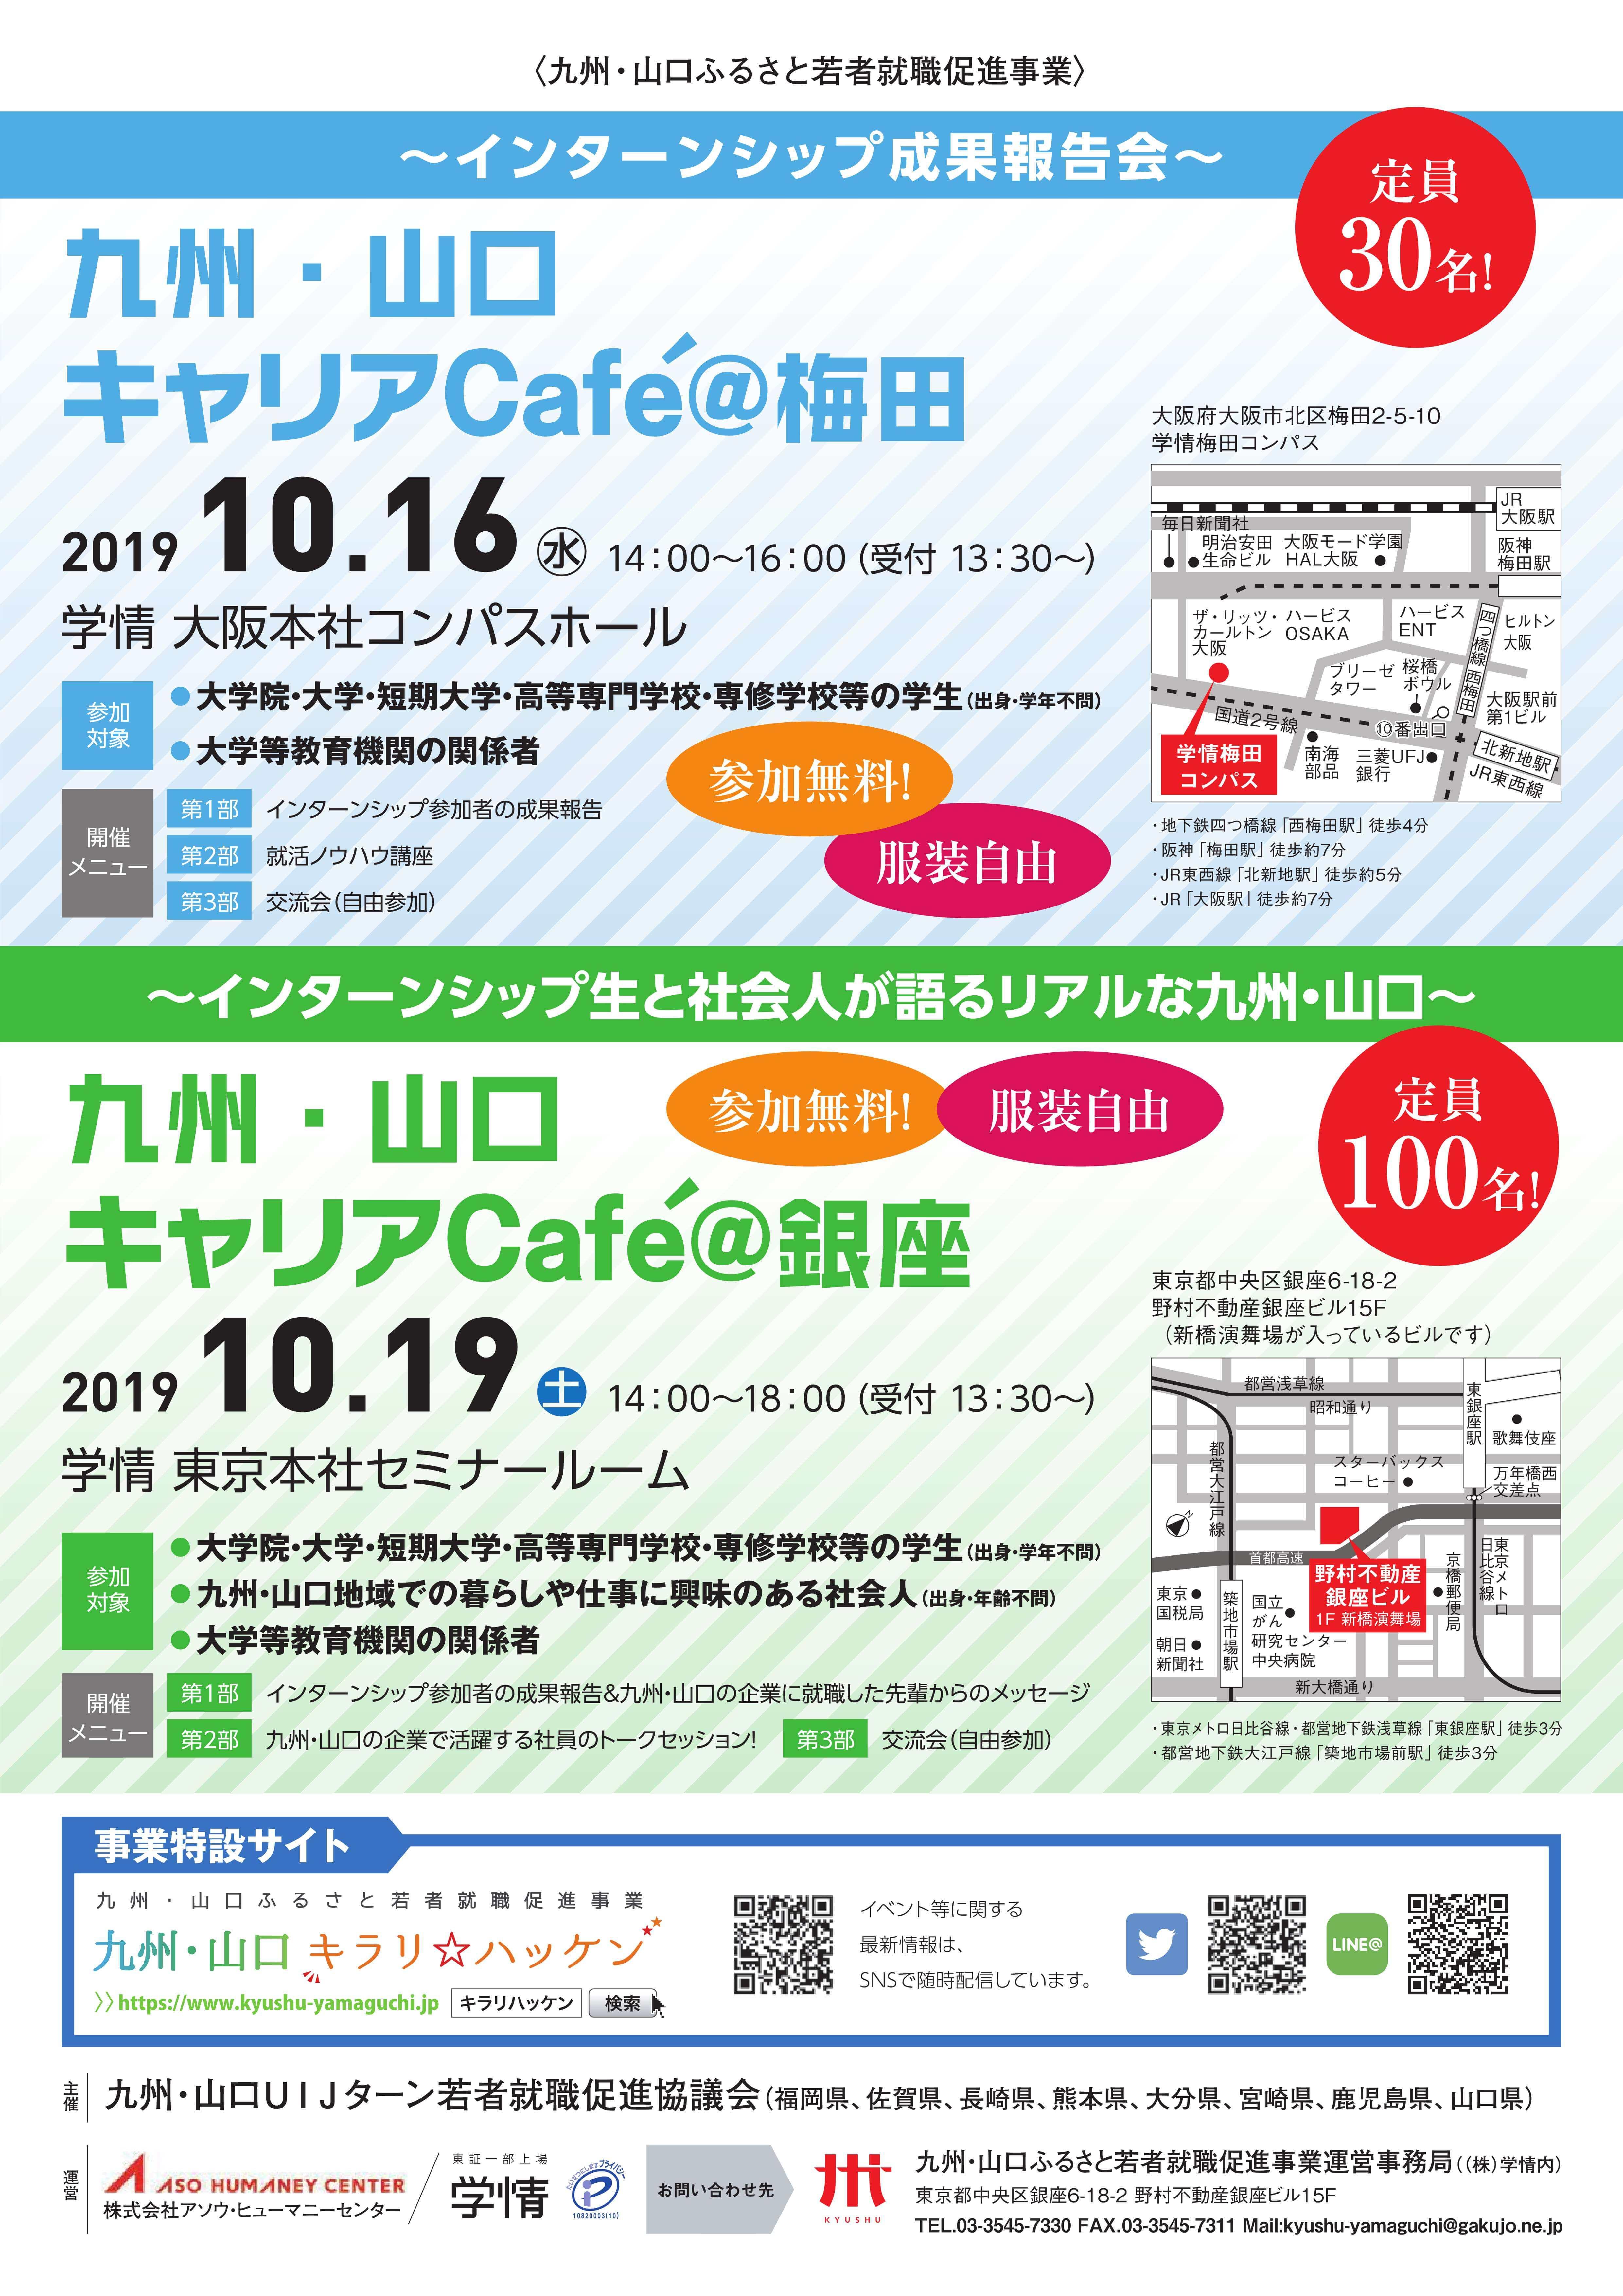 九州・山口キャリアCafe